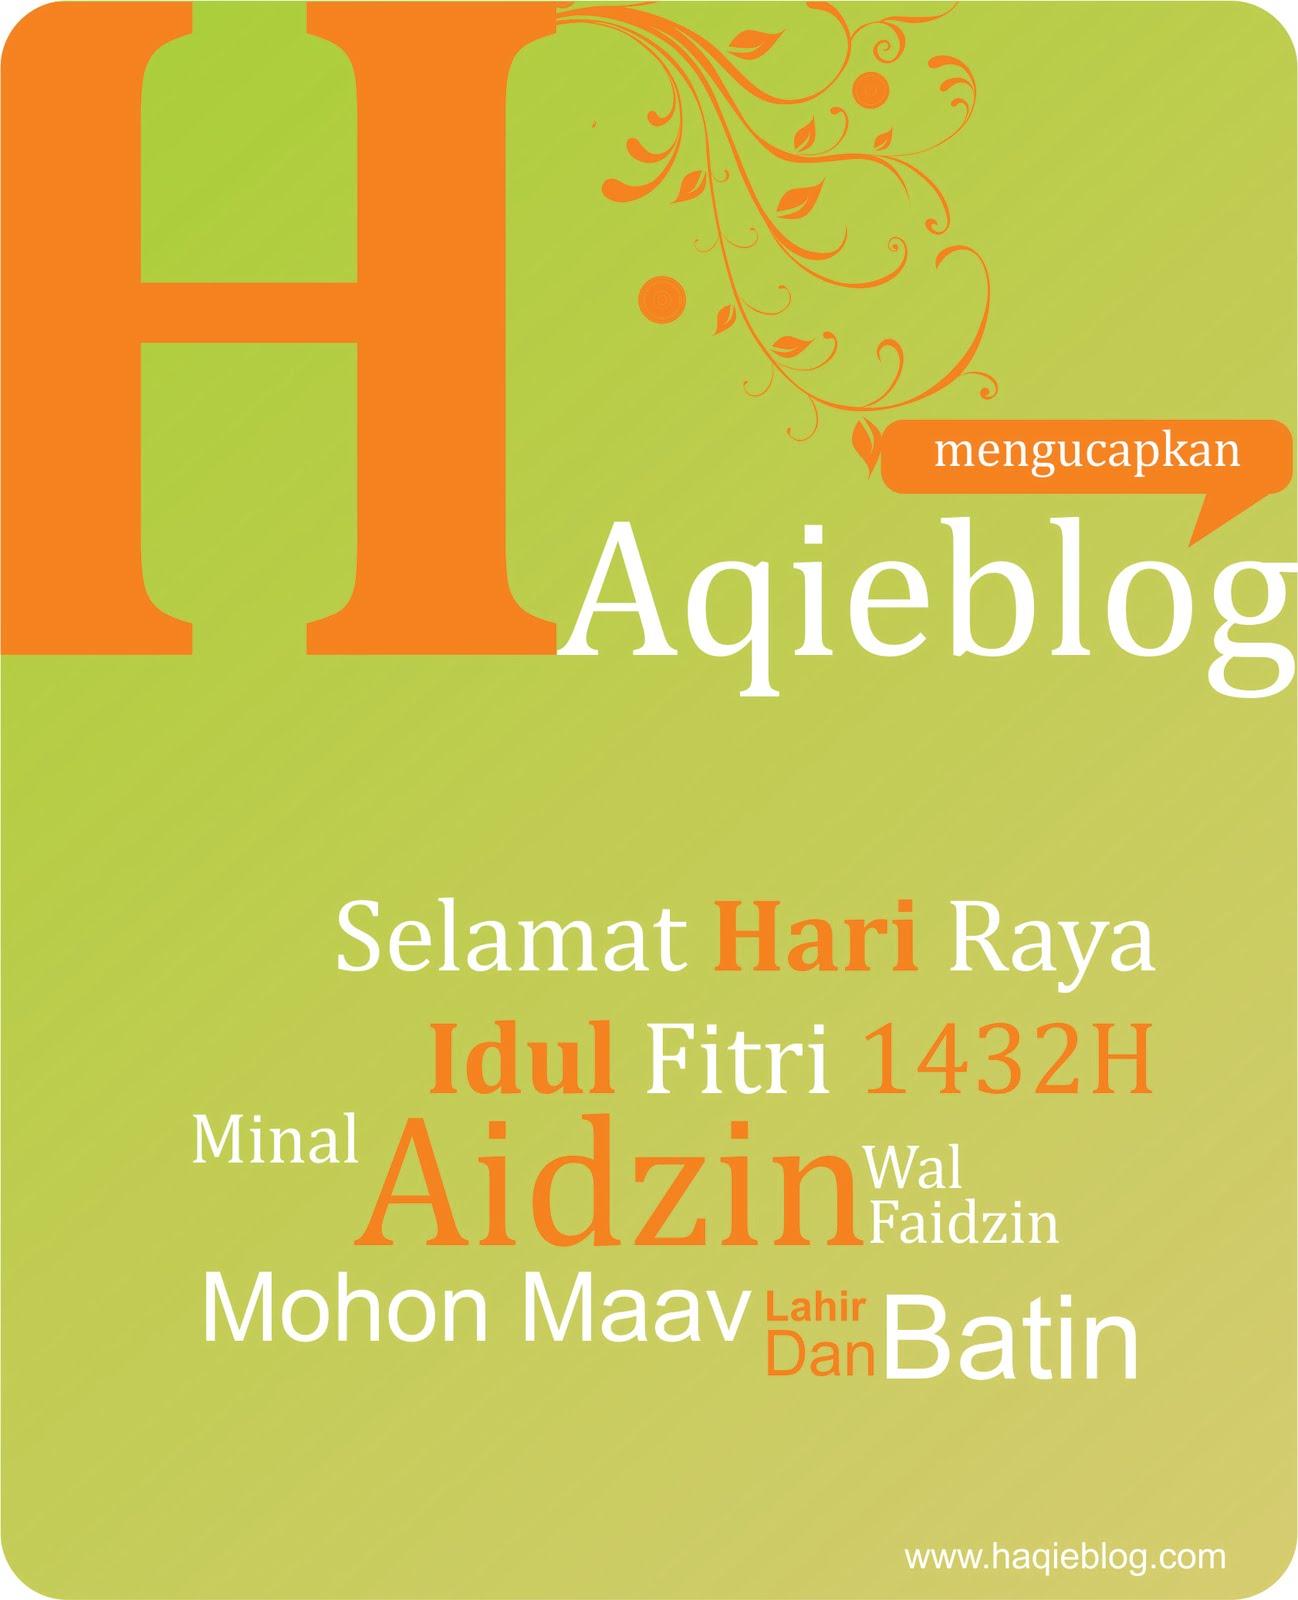 Haqieblog™: Selamat Hari Raya Idul Fitri 1432H Mohon Maav